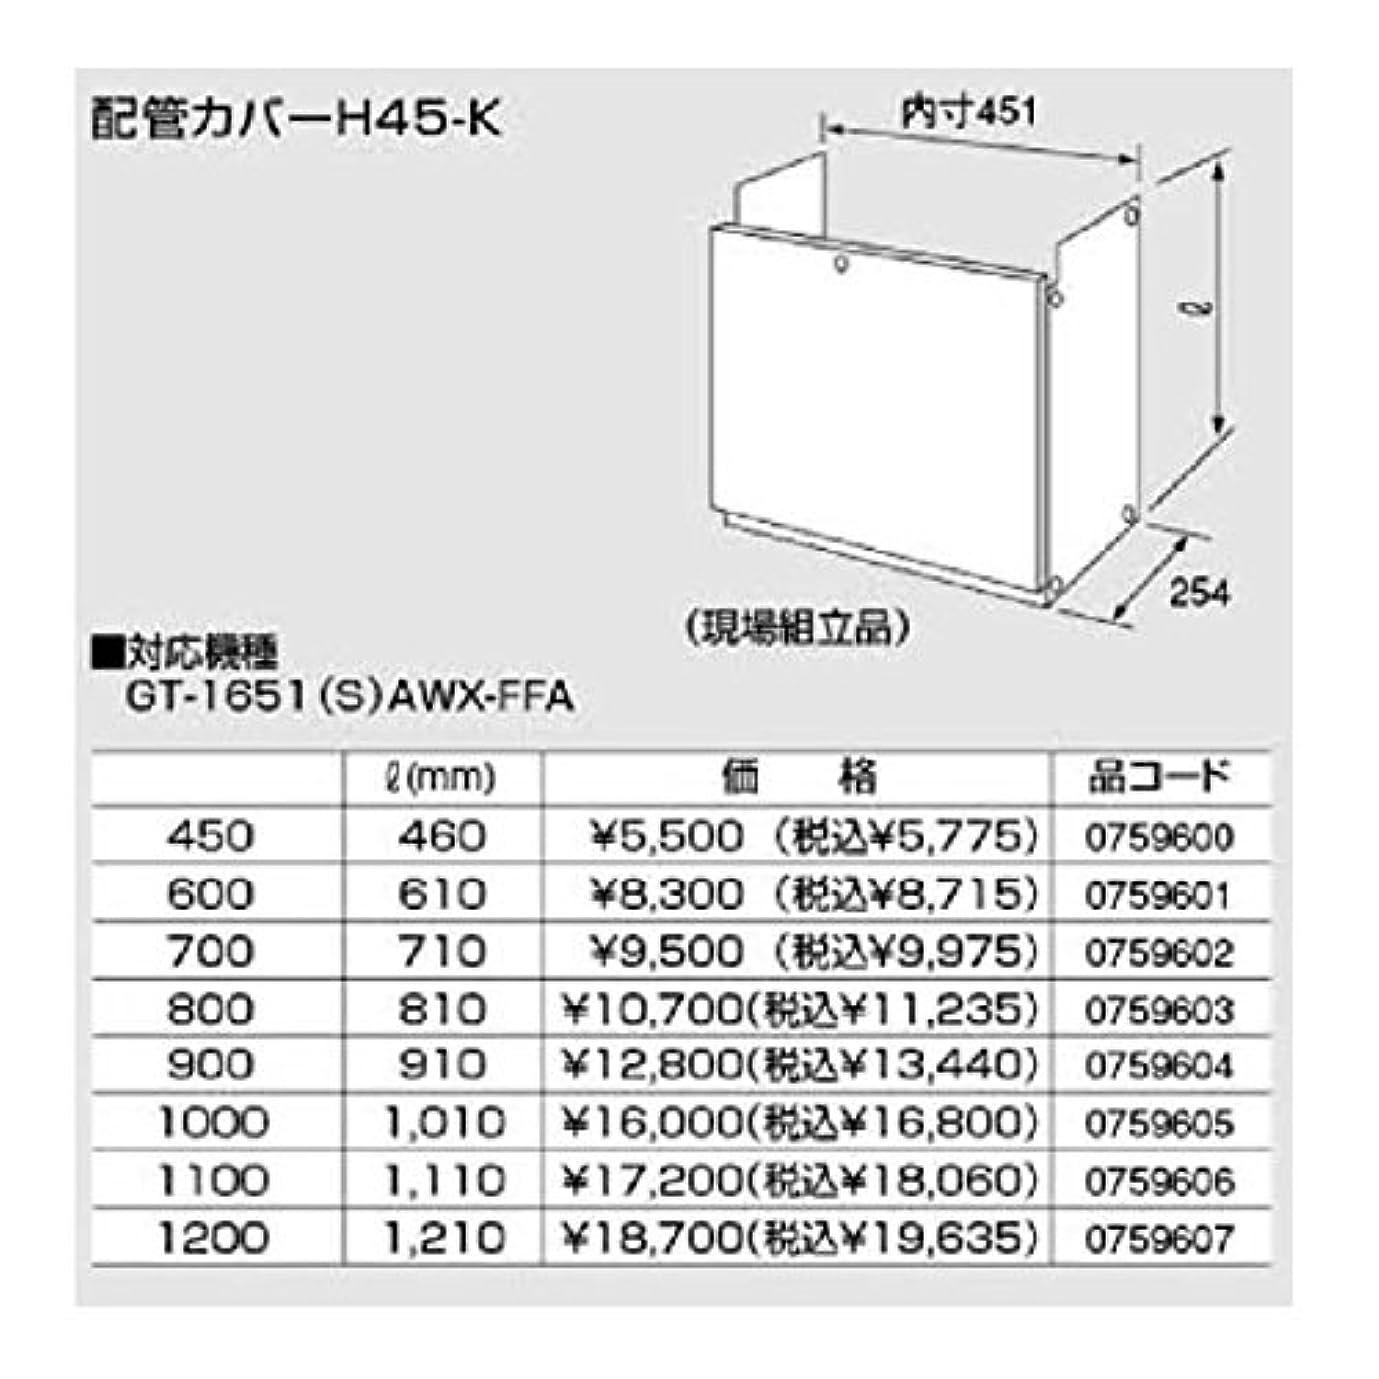 干渉キャッシュシンジケートノーリツ配管カバー【H45-K-1100】1110(0759606)【H45K1100】1110リットル(mm) 給湯器